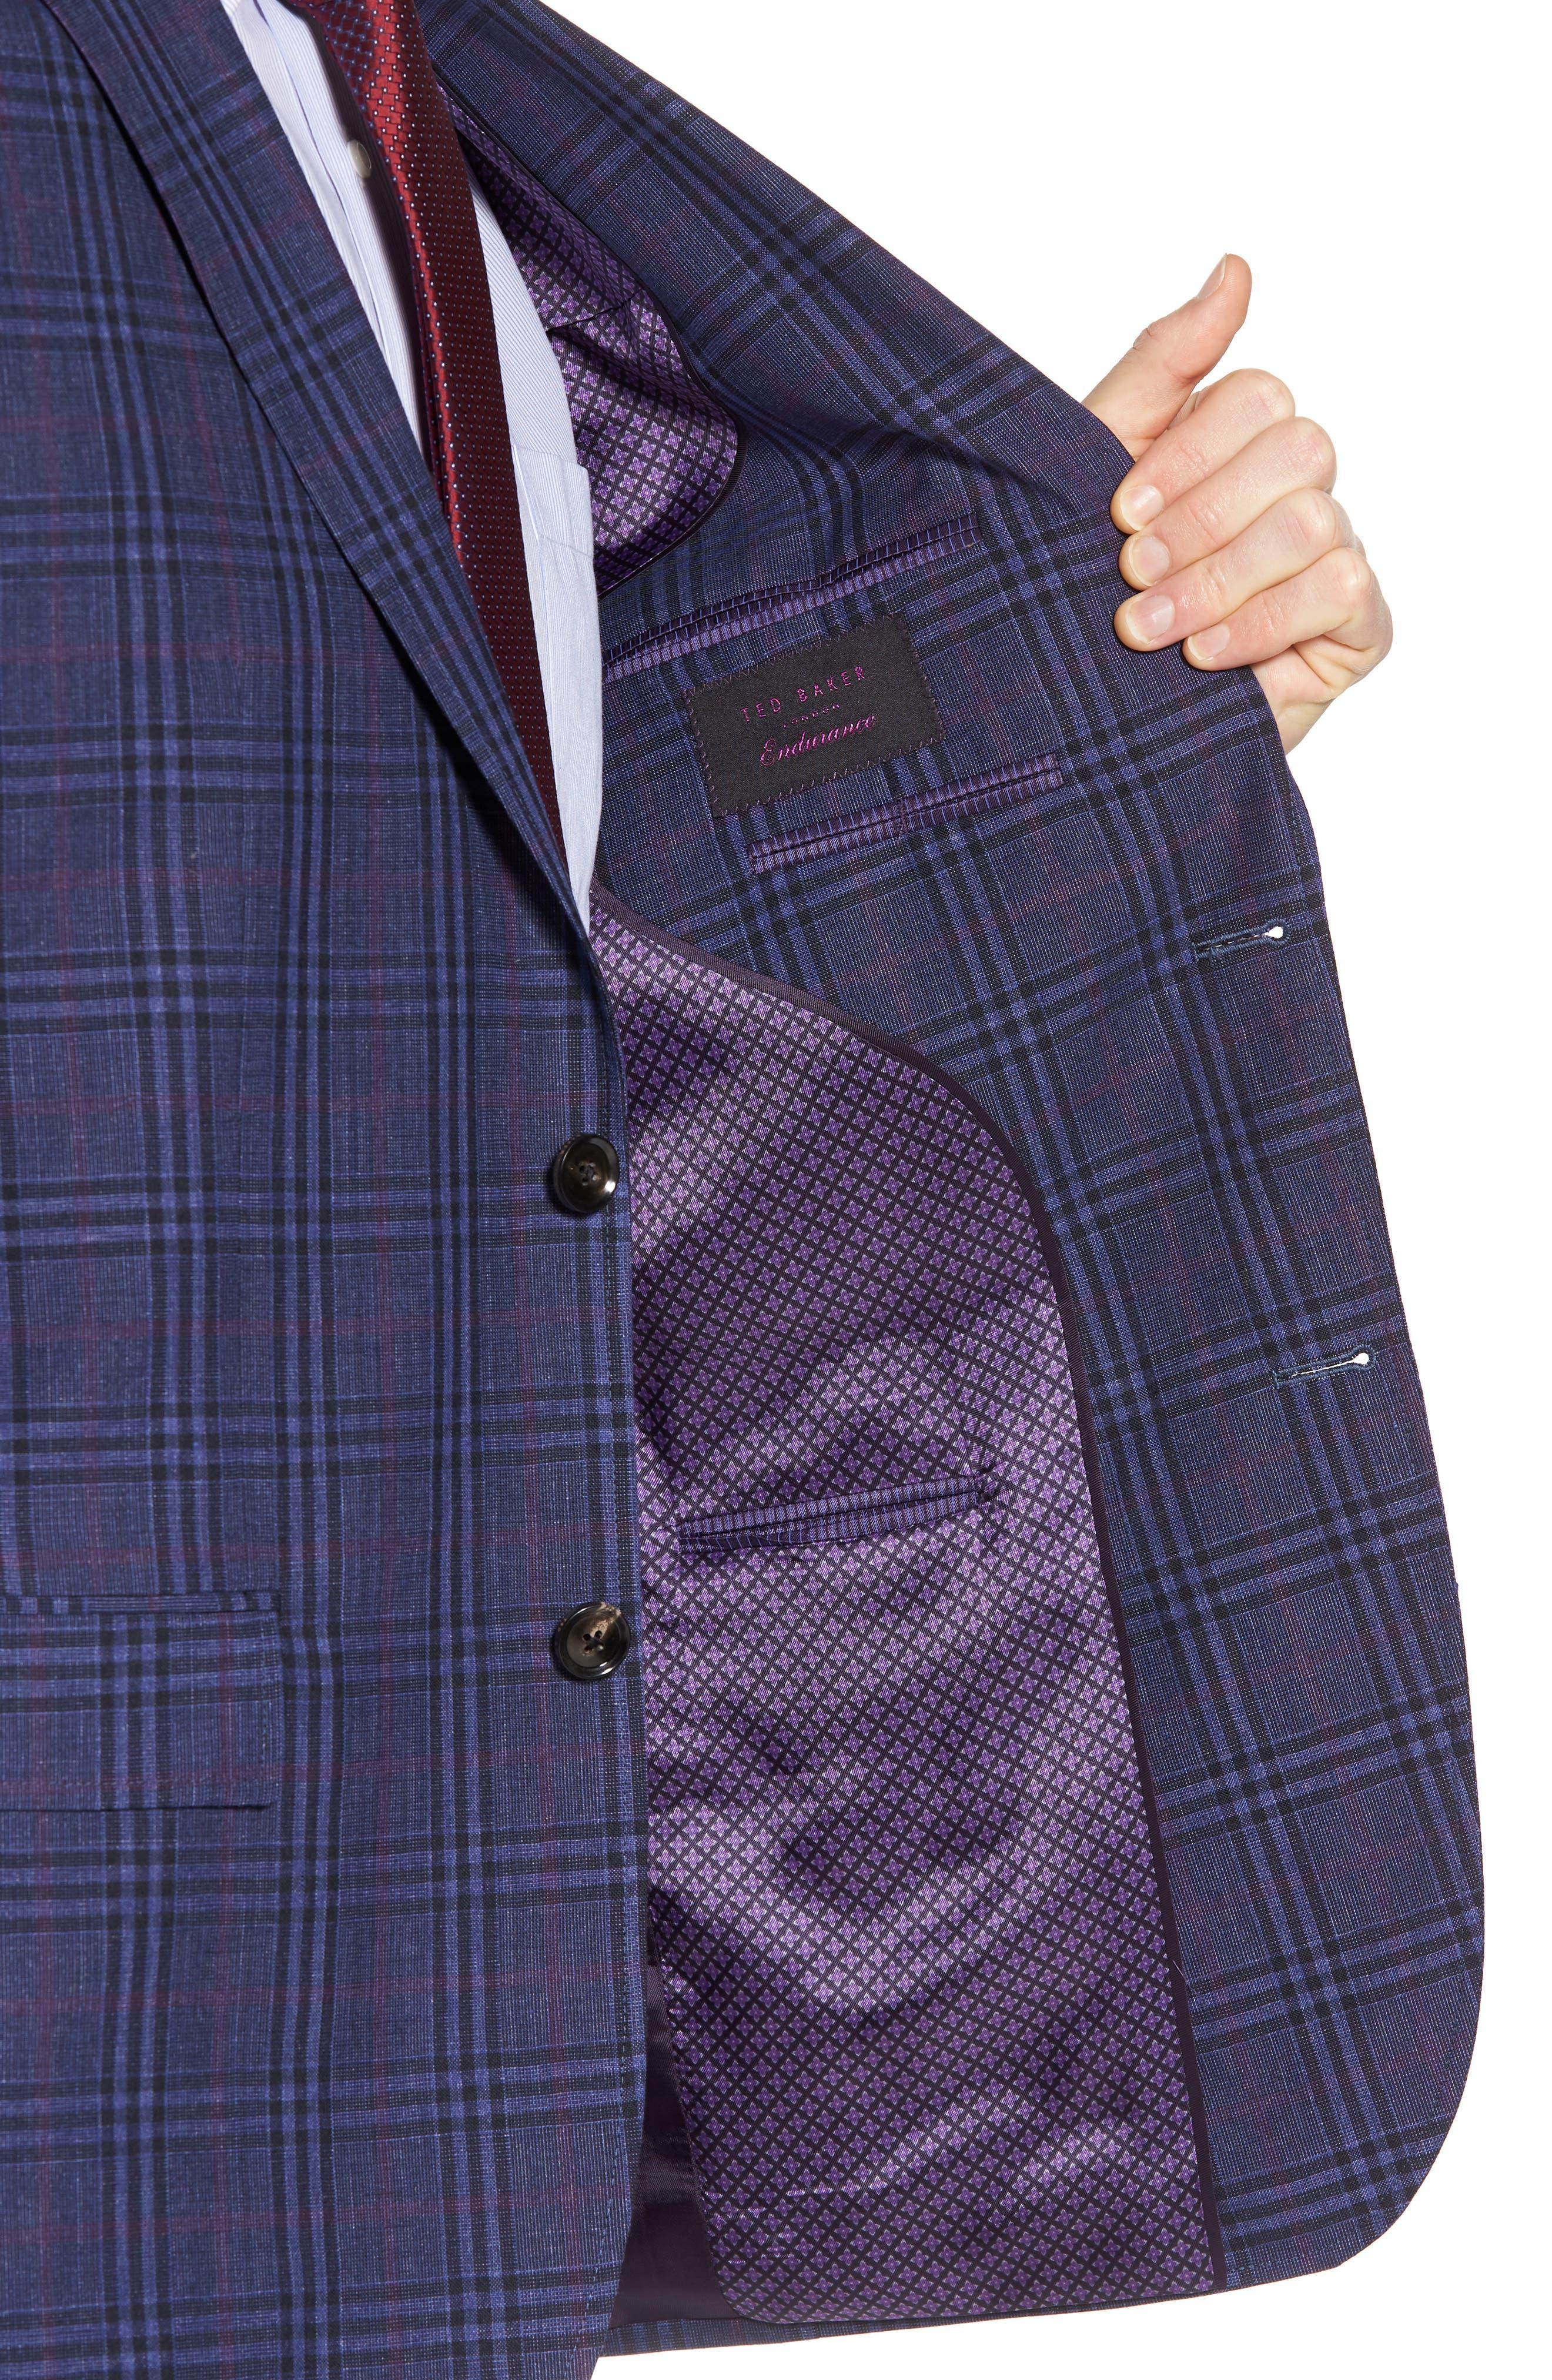 Jay Trim Fit Plaid Wool & Linen Sport Coat,                             Alternate thumbnail 4, color,                             400